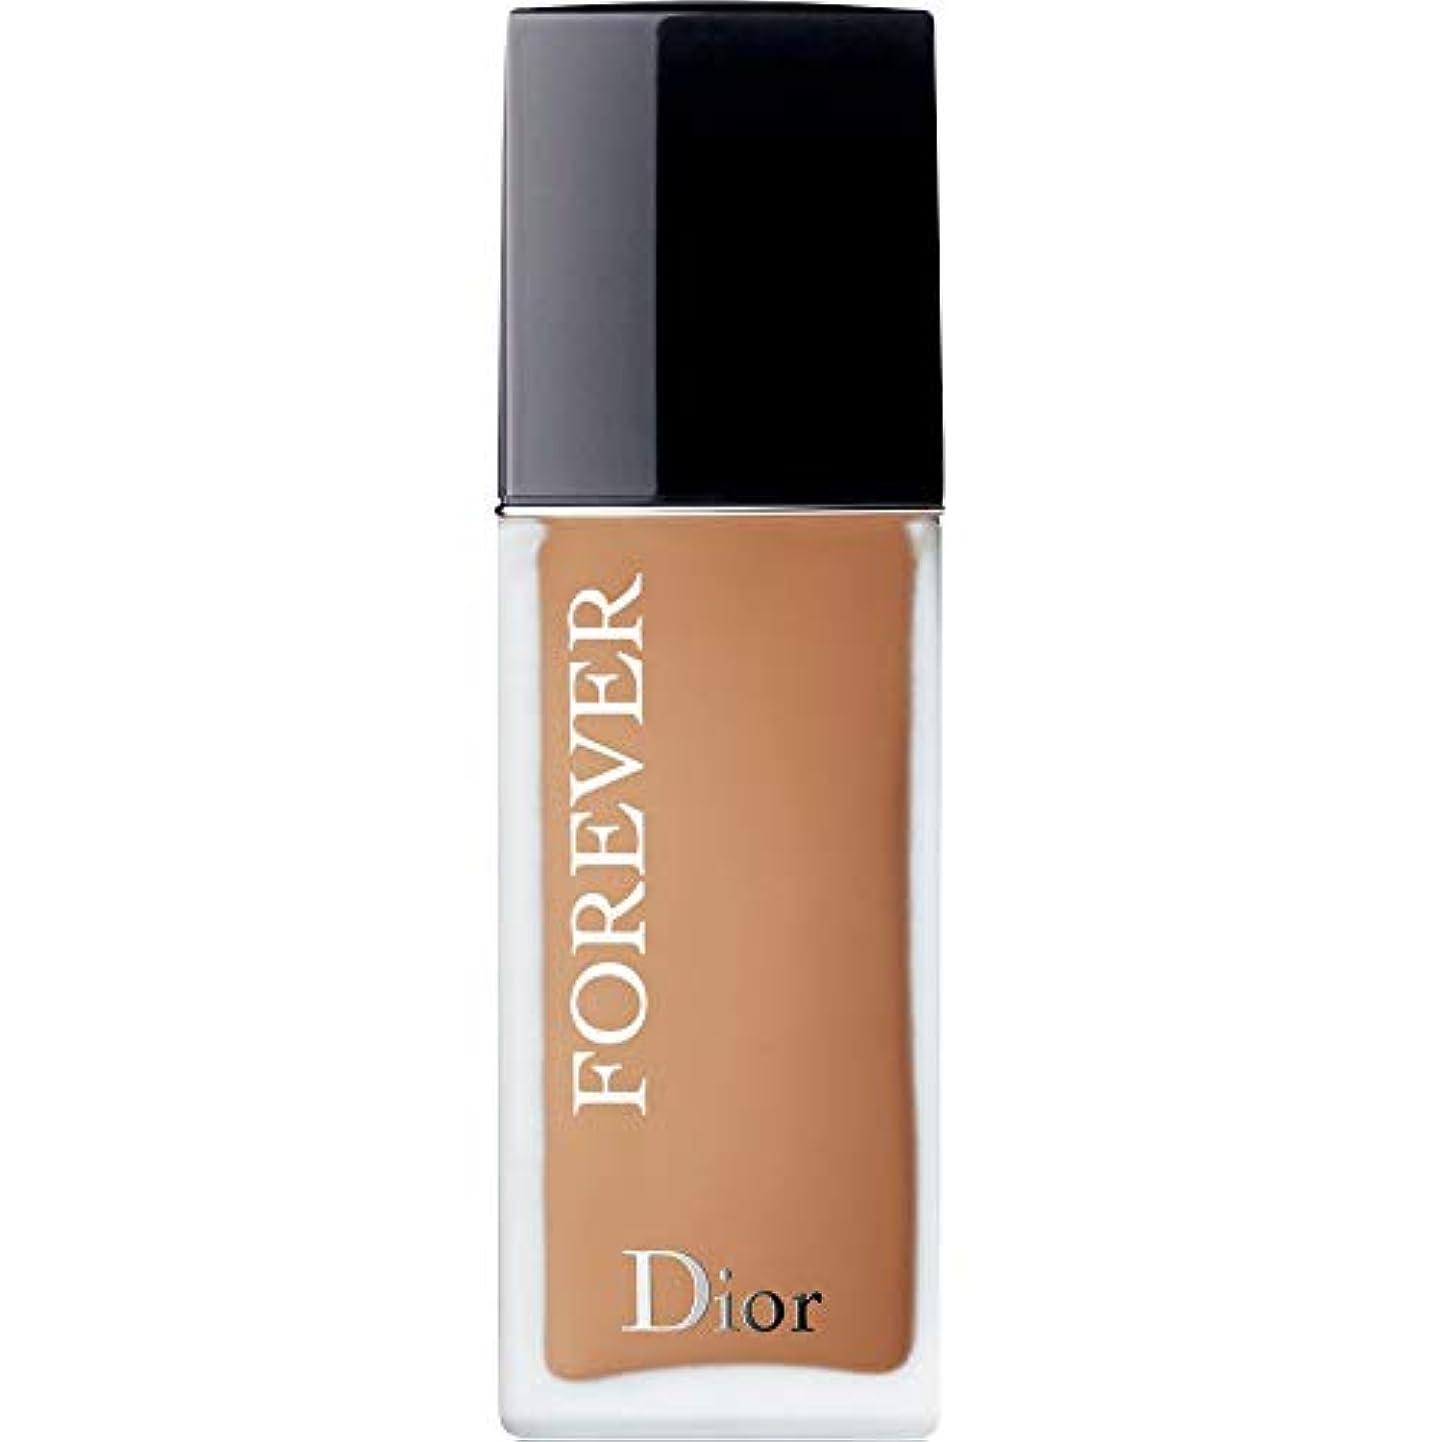 病的評判憂鬱[Dior ] ディオール永遠皮膚思いやりの基盤Spf35 30ミリリットルの4.5ワット - 暖かい(つや消し) - DIOR Forever Skin-Caring Foundation SPF35 30ml 4.5W...